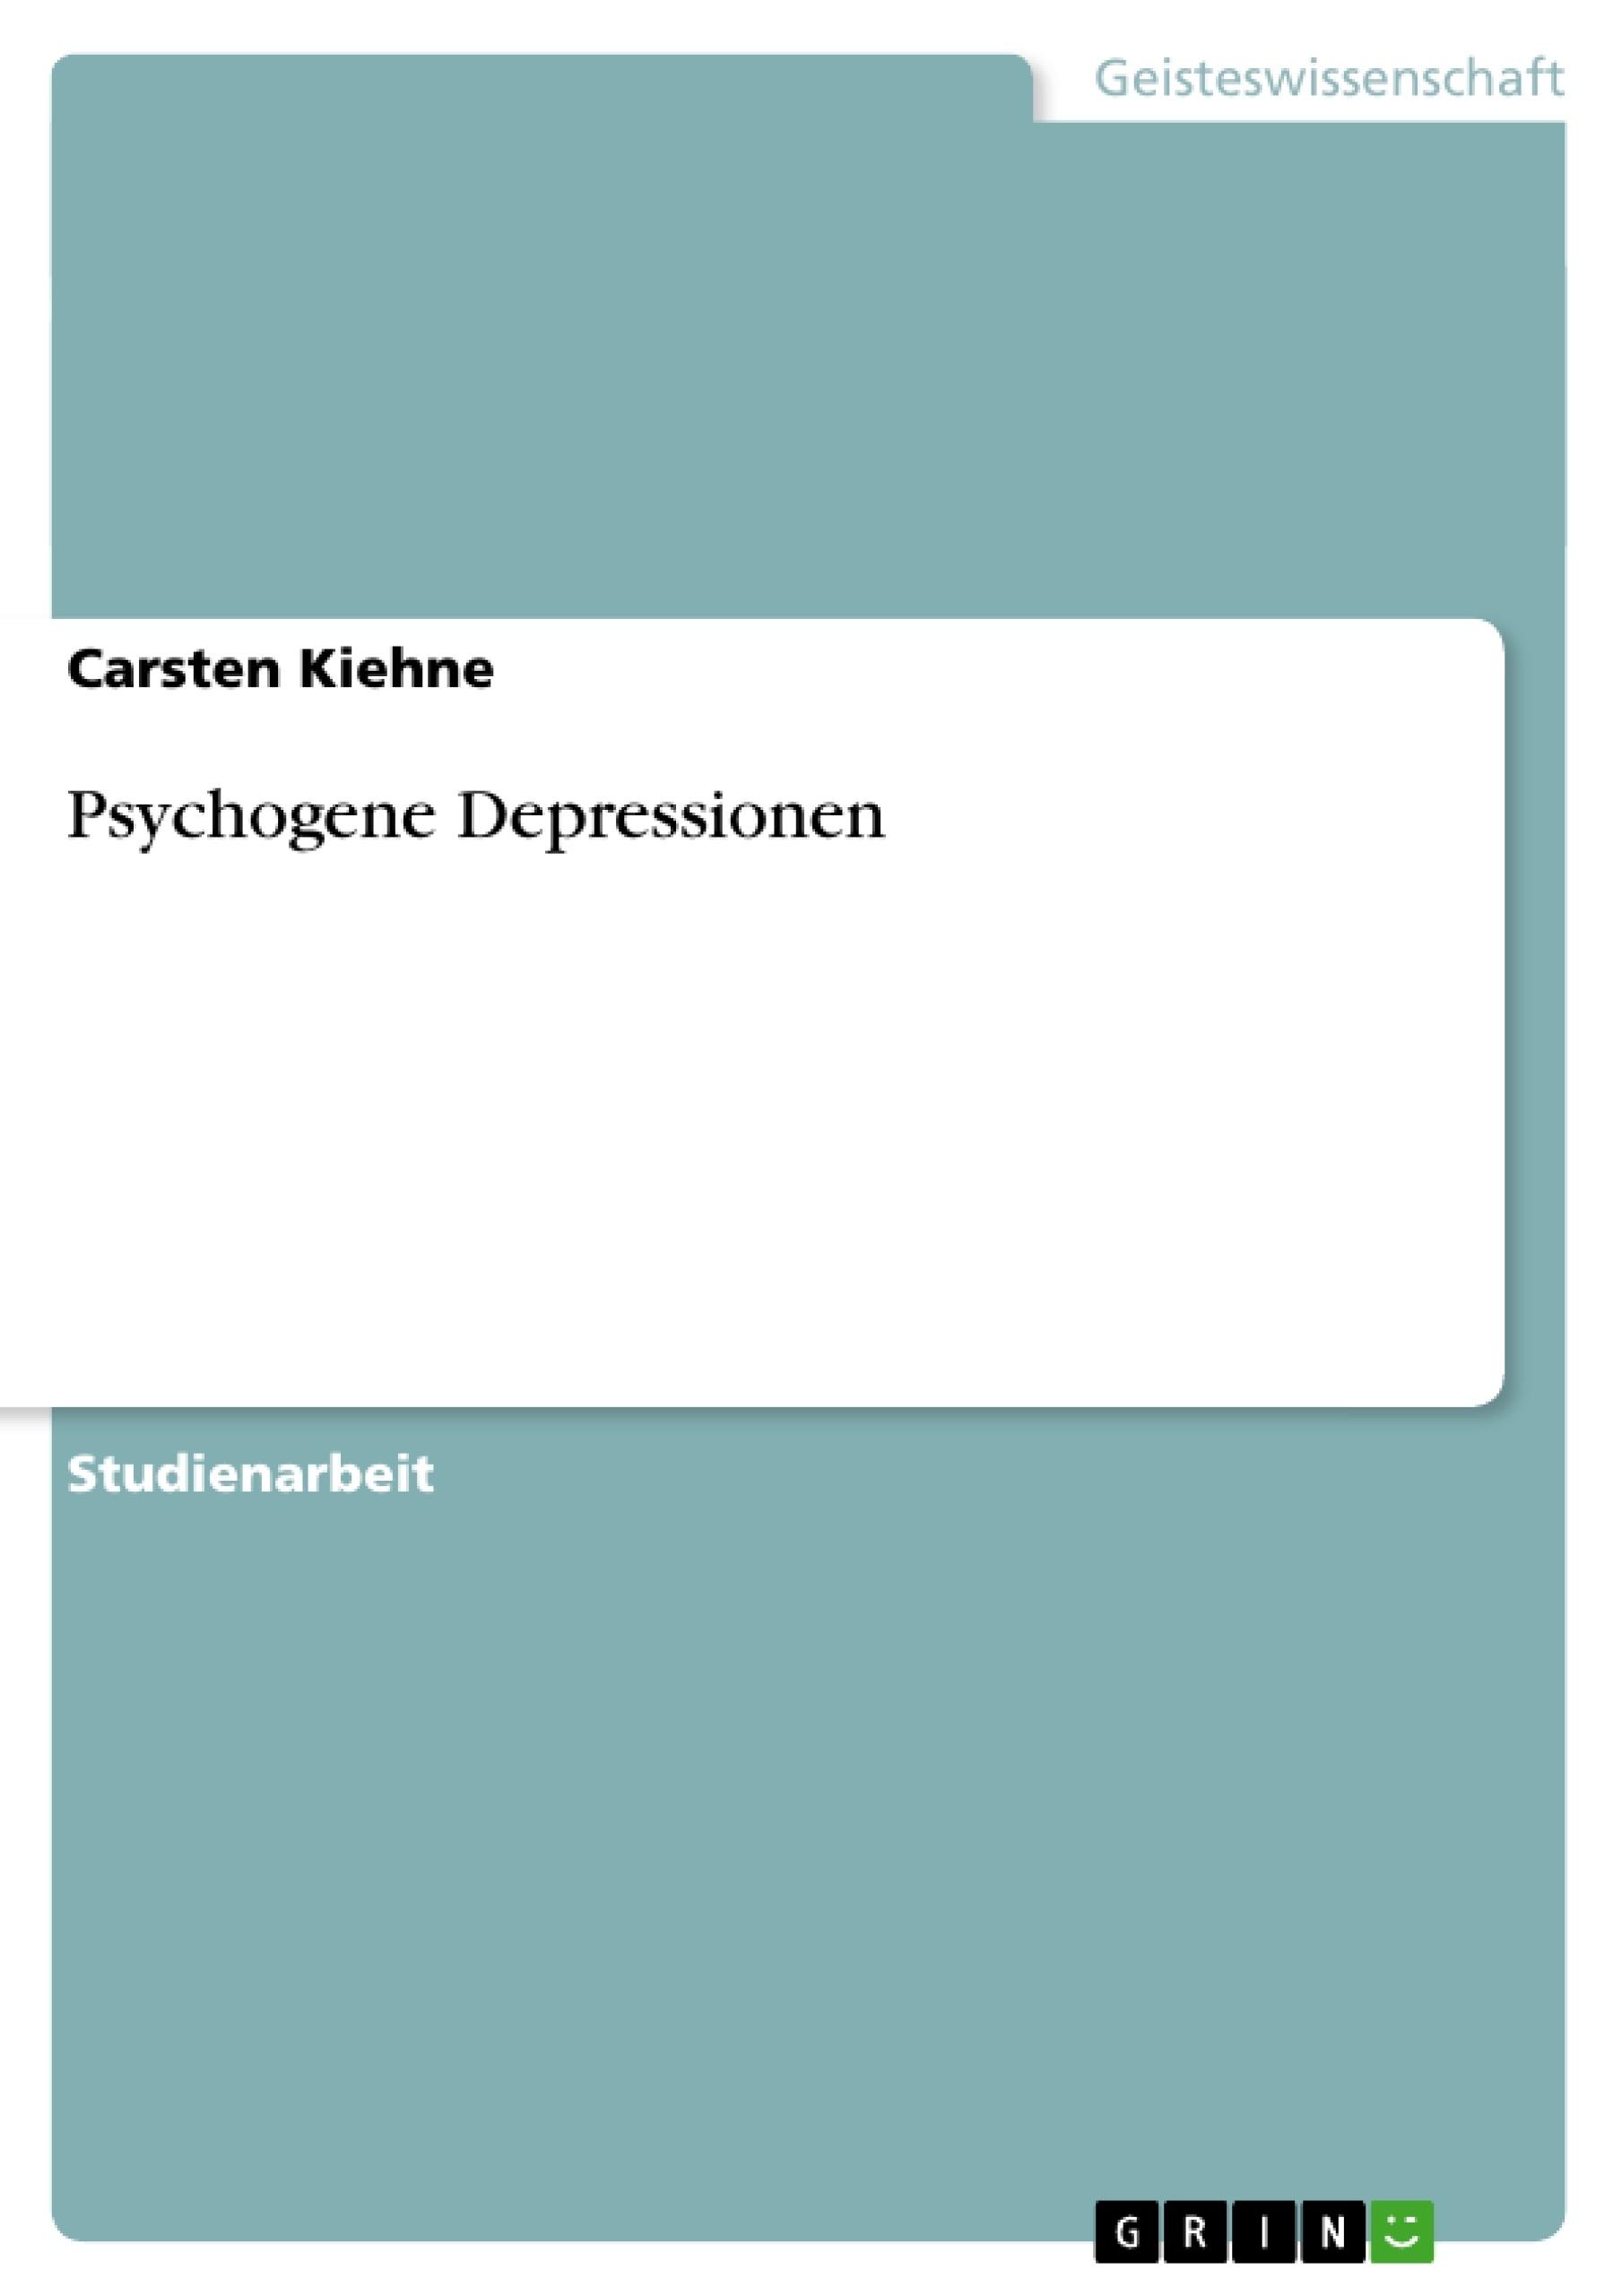 Titel: Psychogene Depressionen